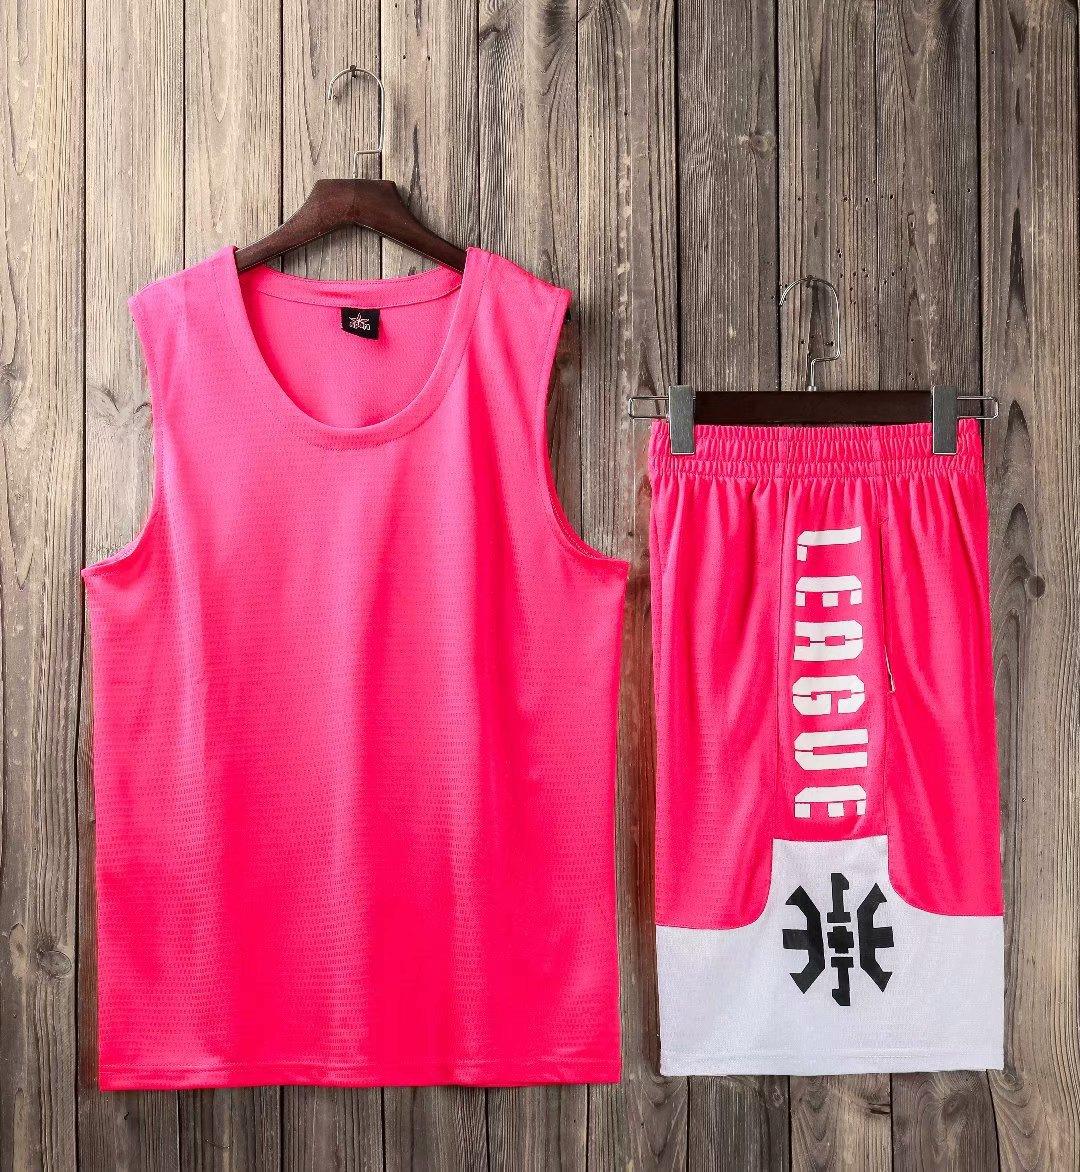 adulto crianças treinamento terno de basquete uniforme